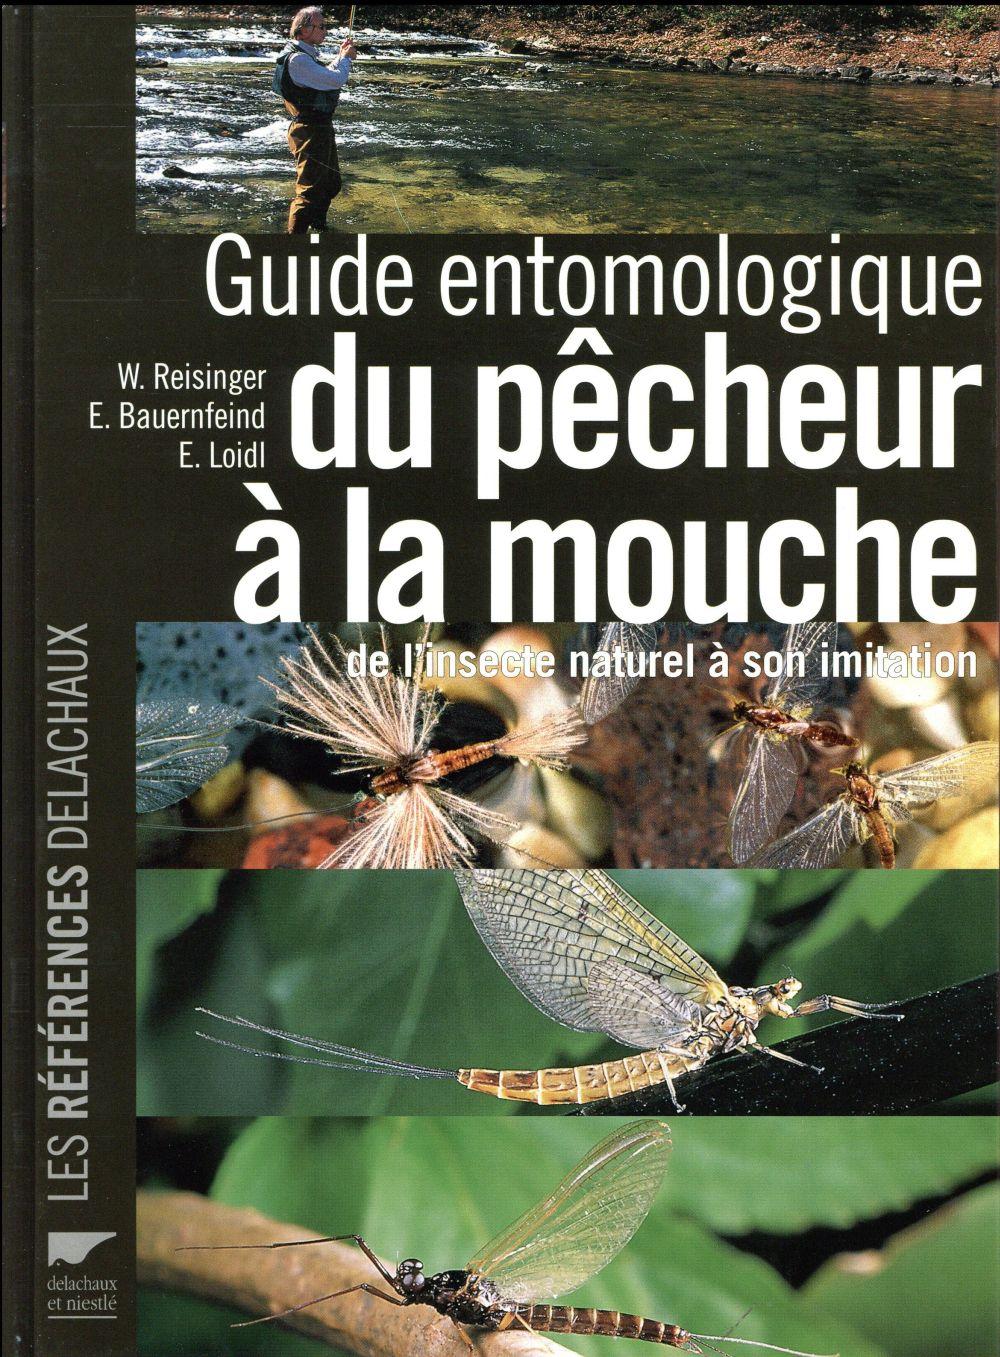 Guide entomologique du pêcheur à la mouche ; de l'insecte naturel à son imitation